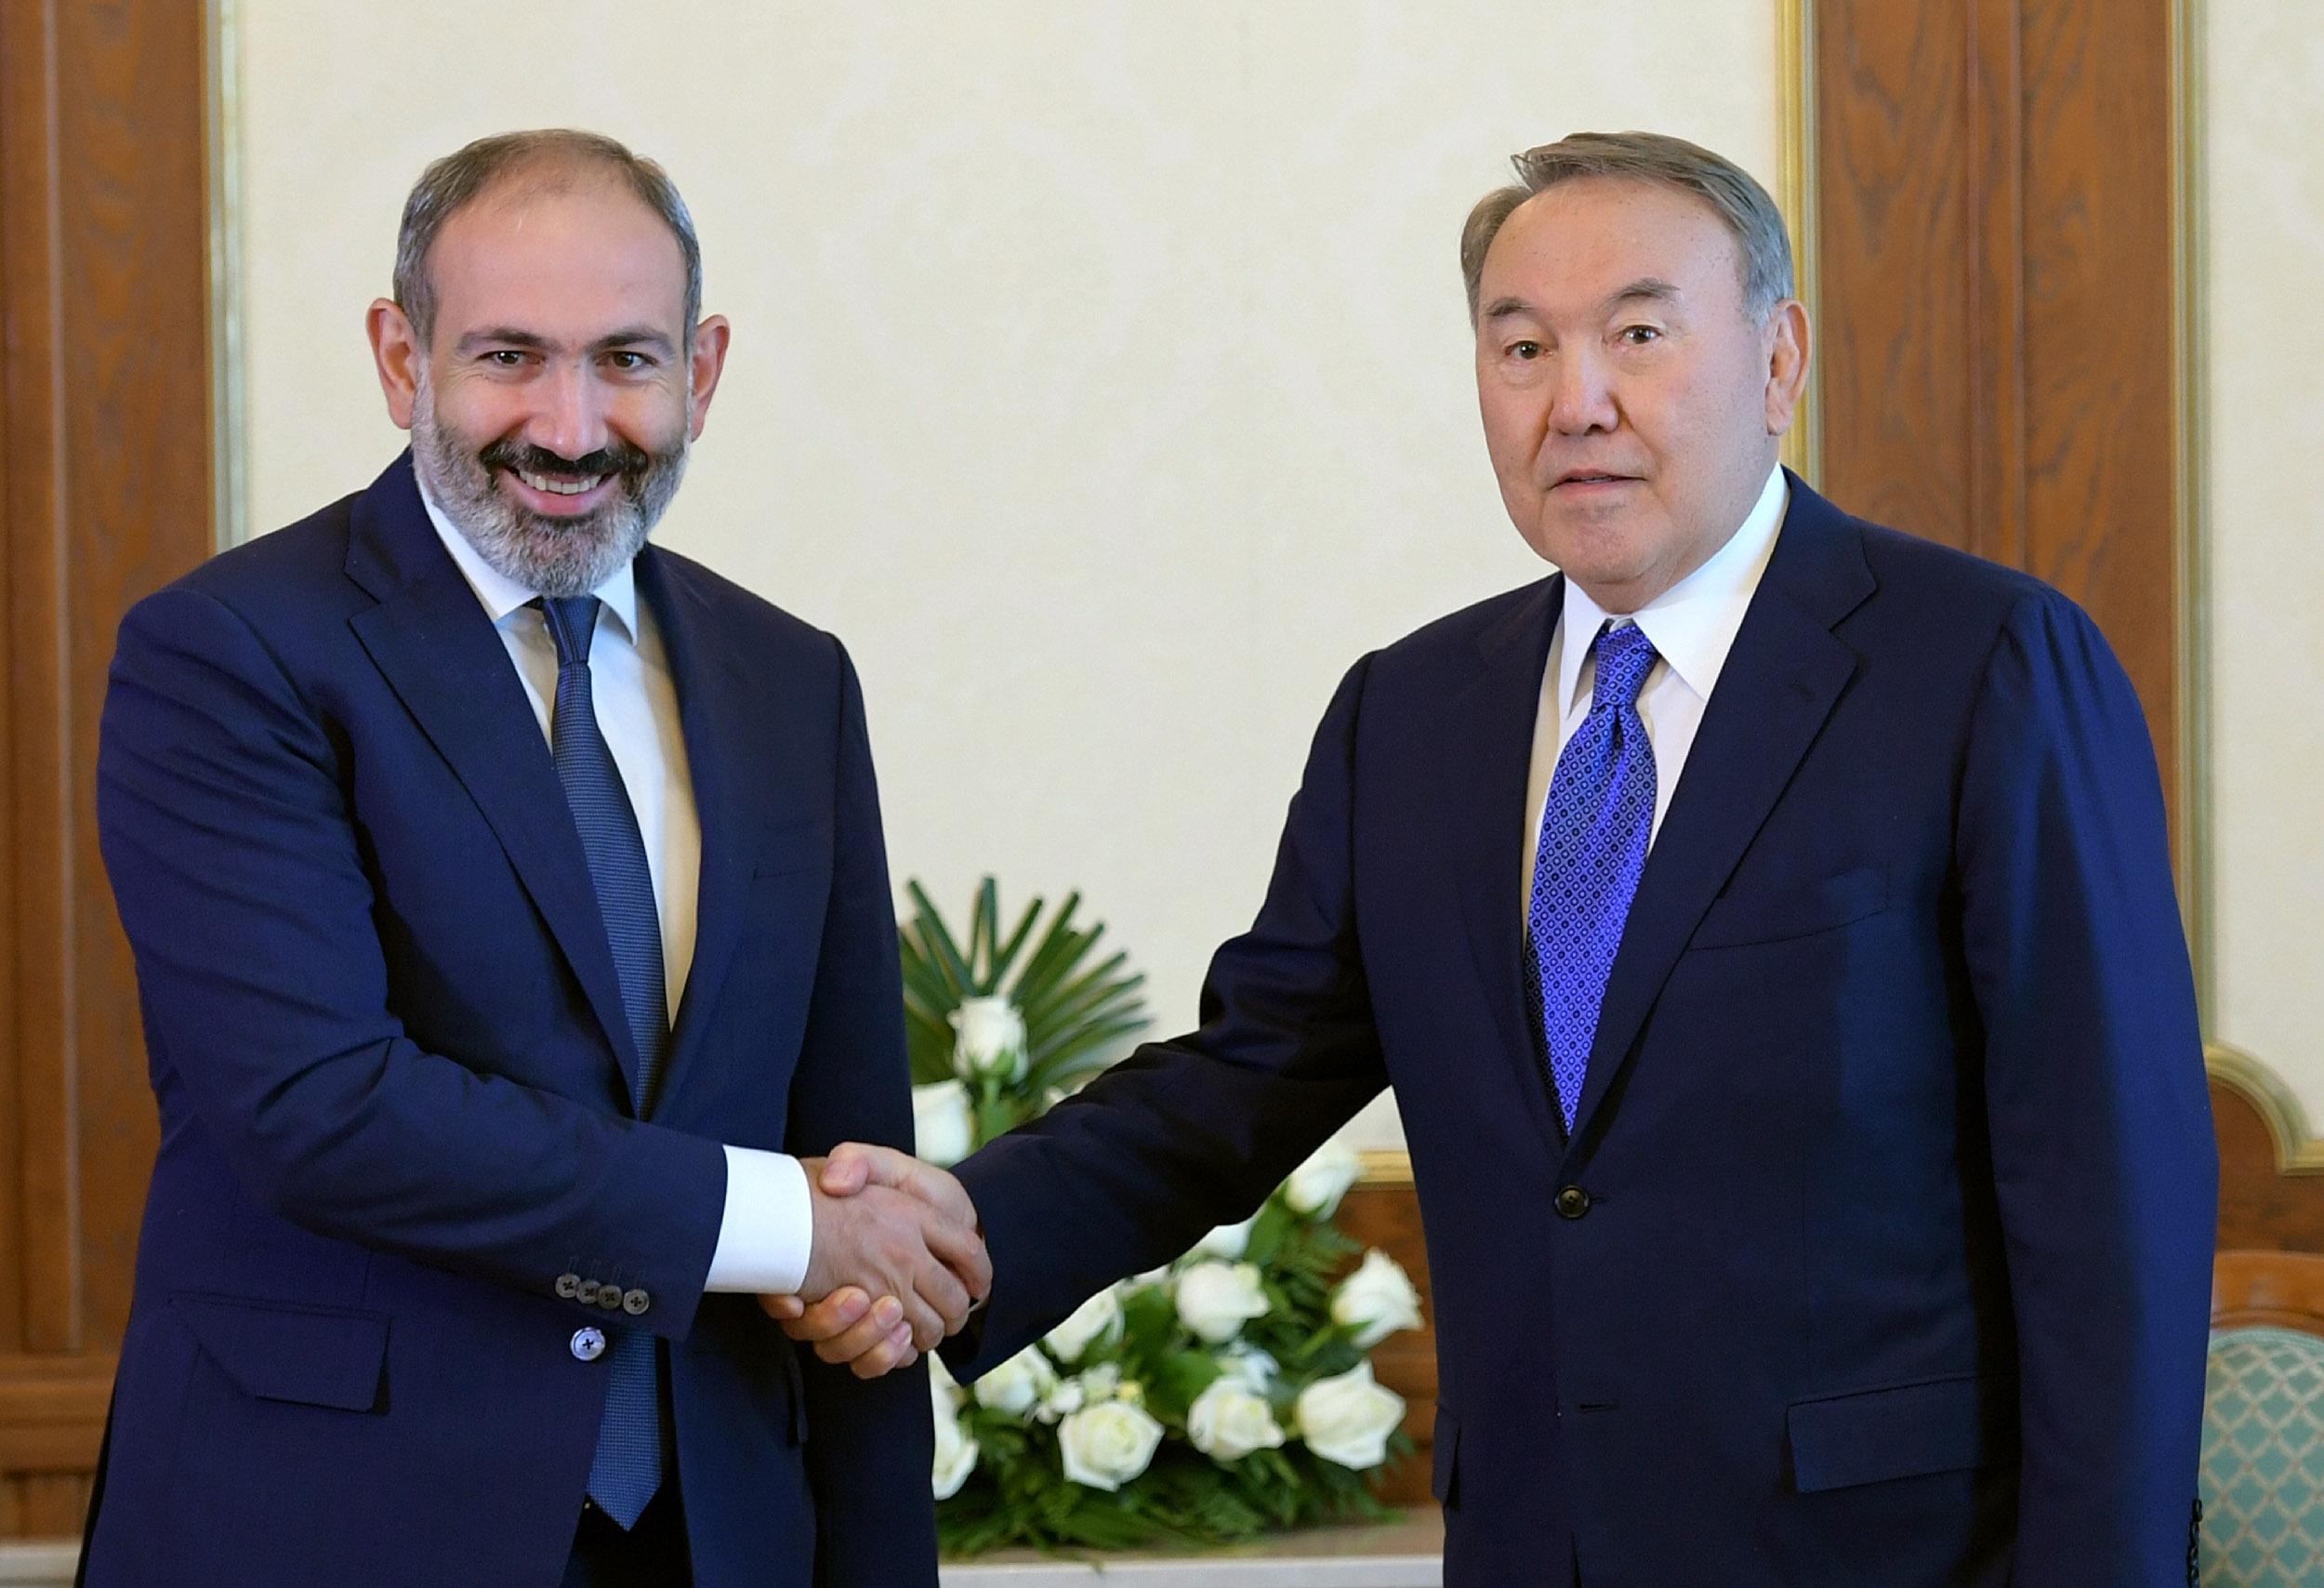 Назарбаев и премьер Армении на встрече в Душанбе высказались за укрепление двусторонних связей , Назарбаев, премьер Армении, Душанбе